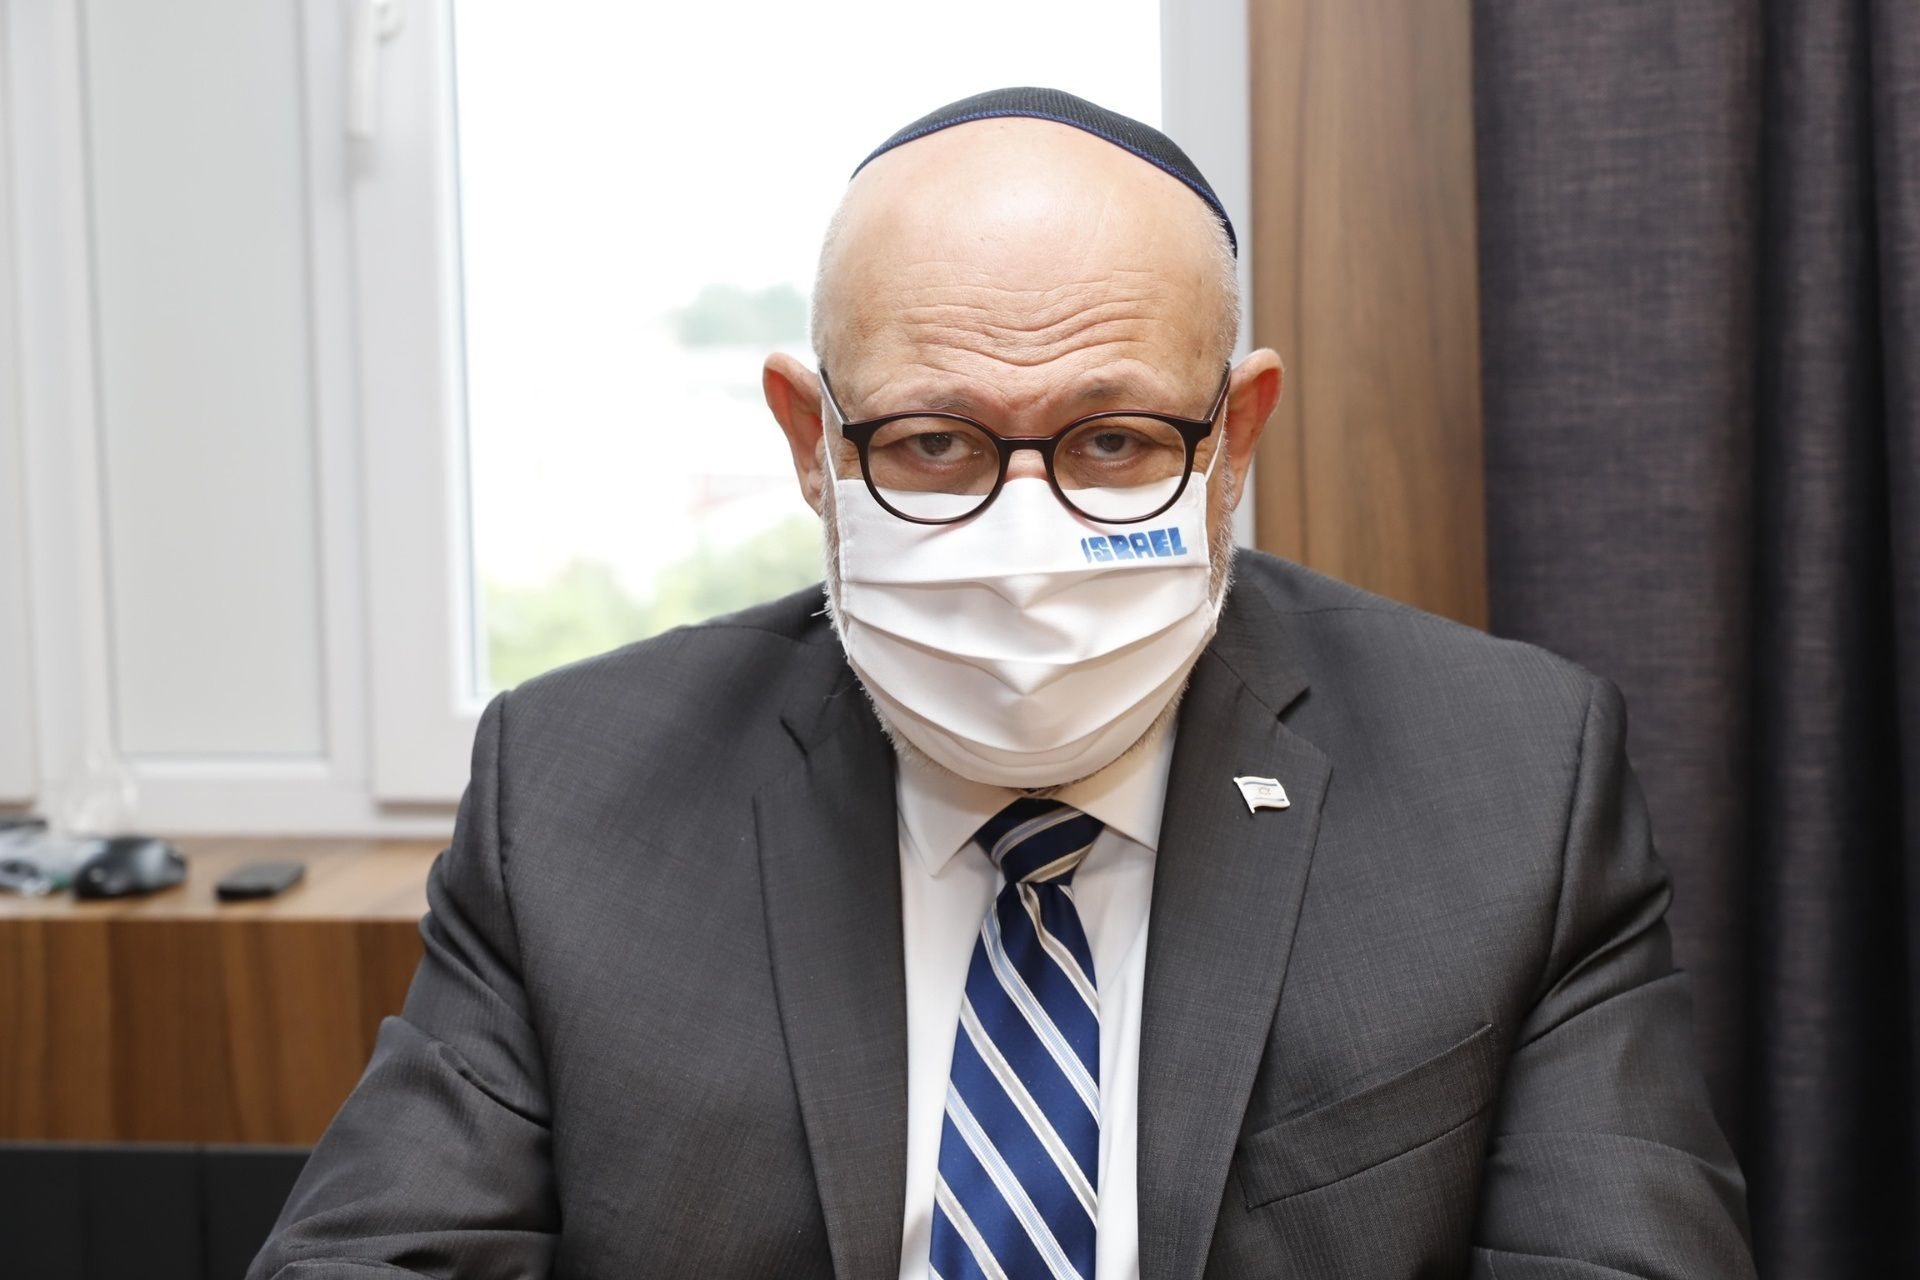 Філатов зустрівся з послом Ізраїлю: про що домовились